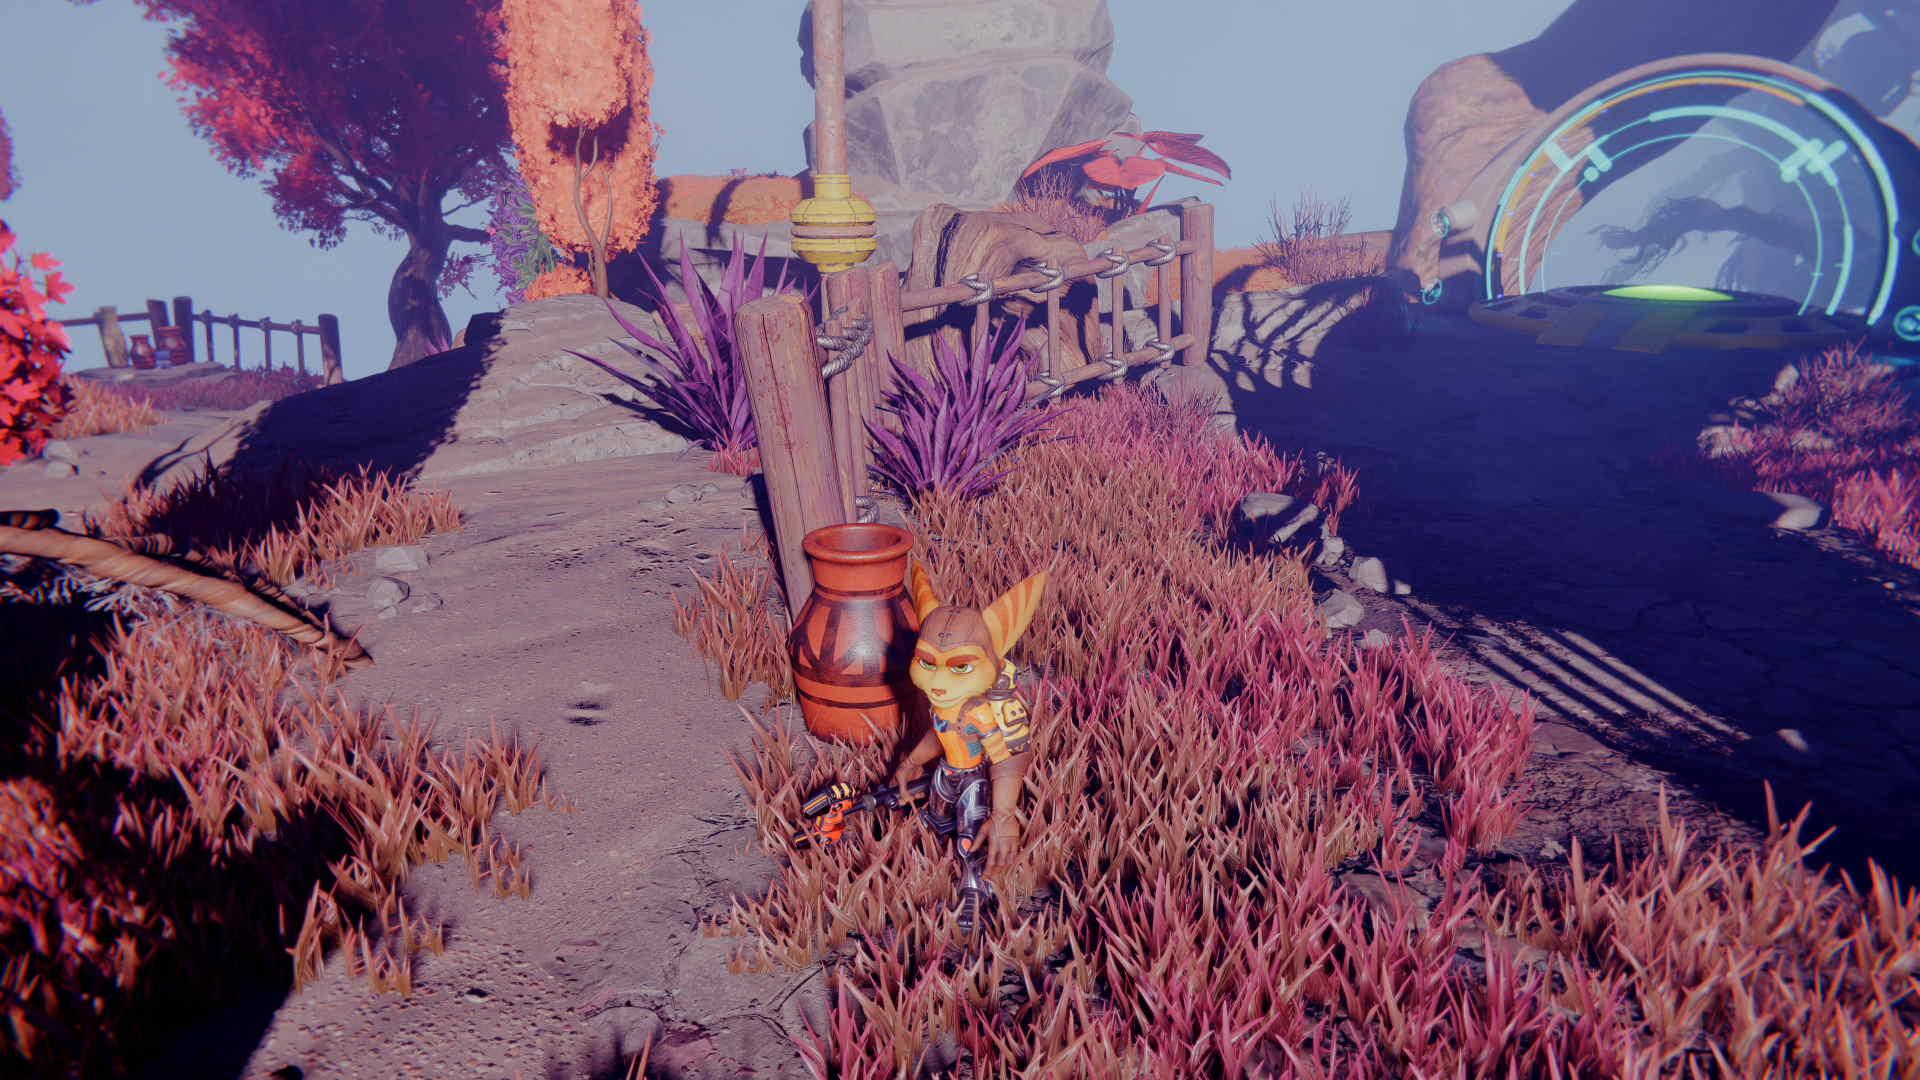 savali-bear-screenshot-path